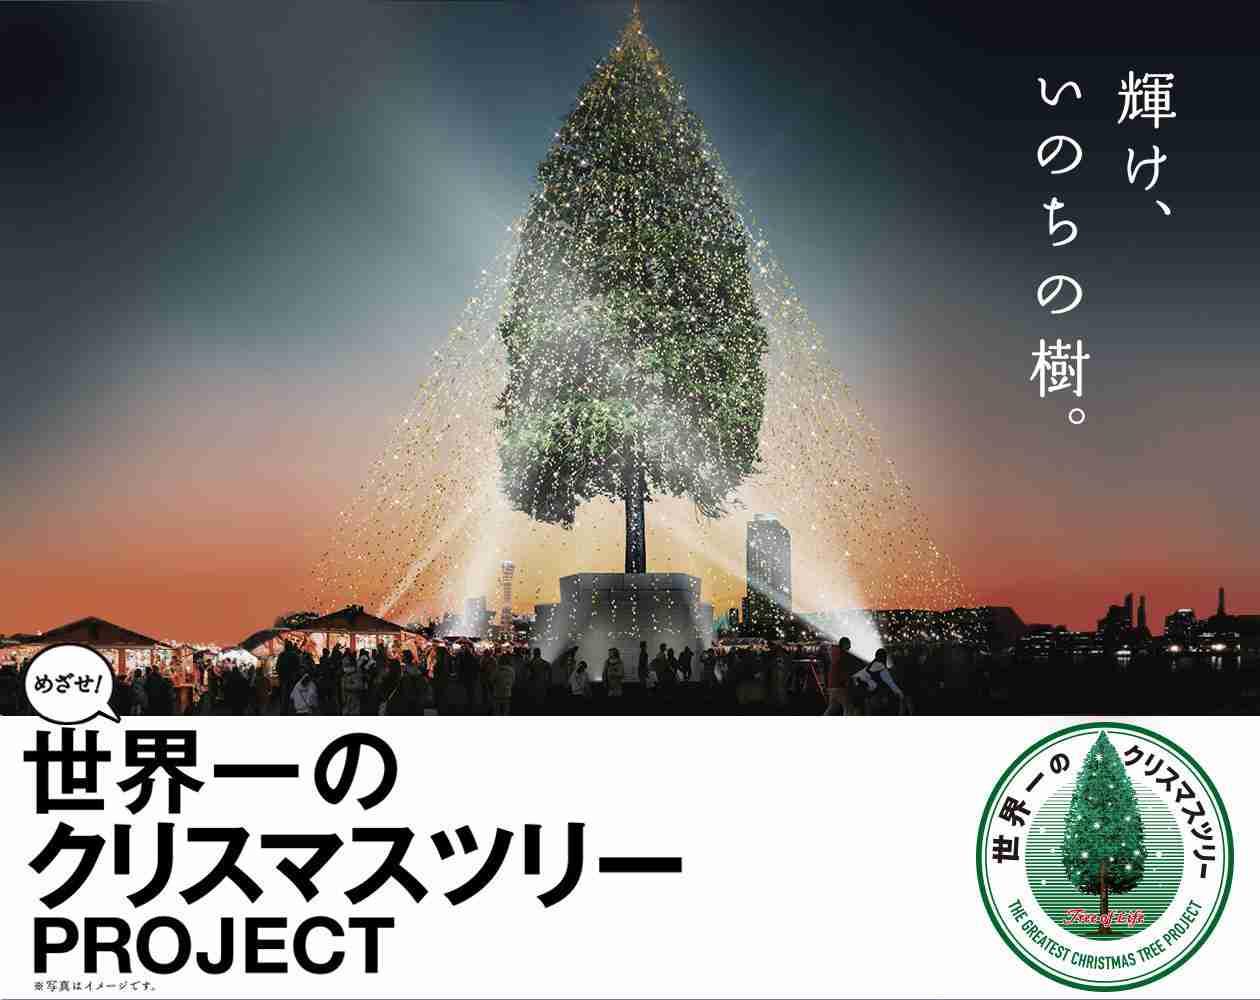 めざせ!世界一のクリスマスツリー